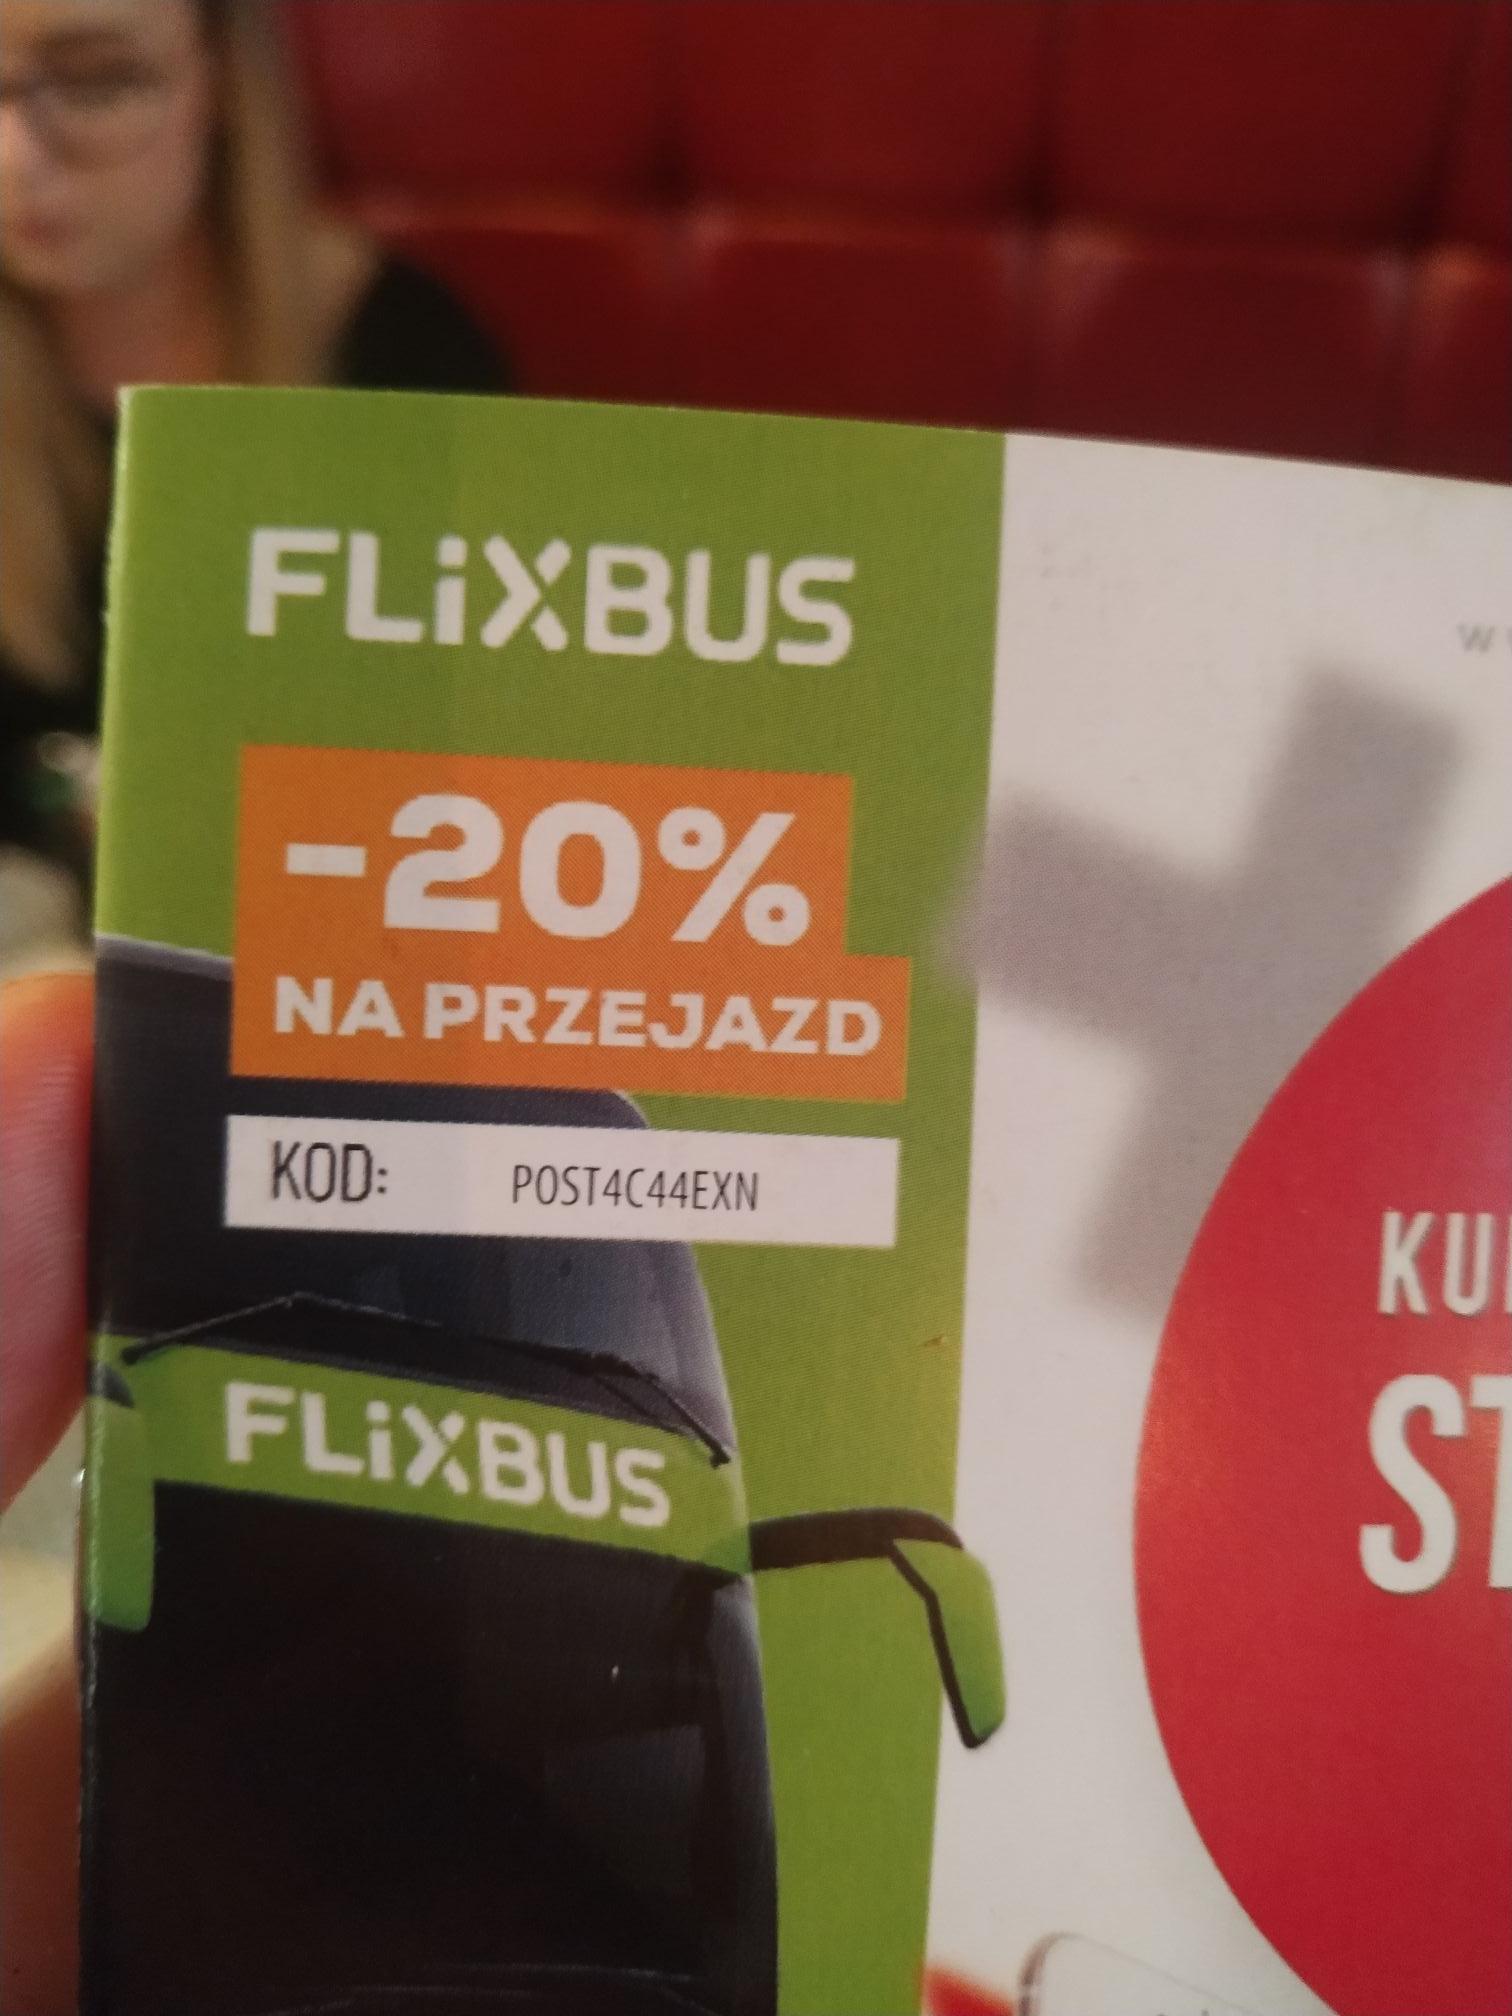 Flixbus -20% na przejazd